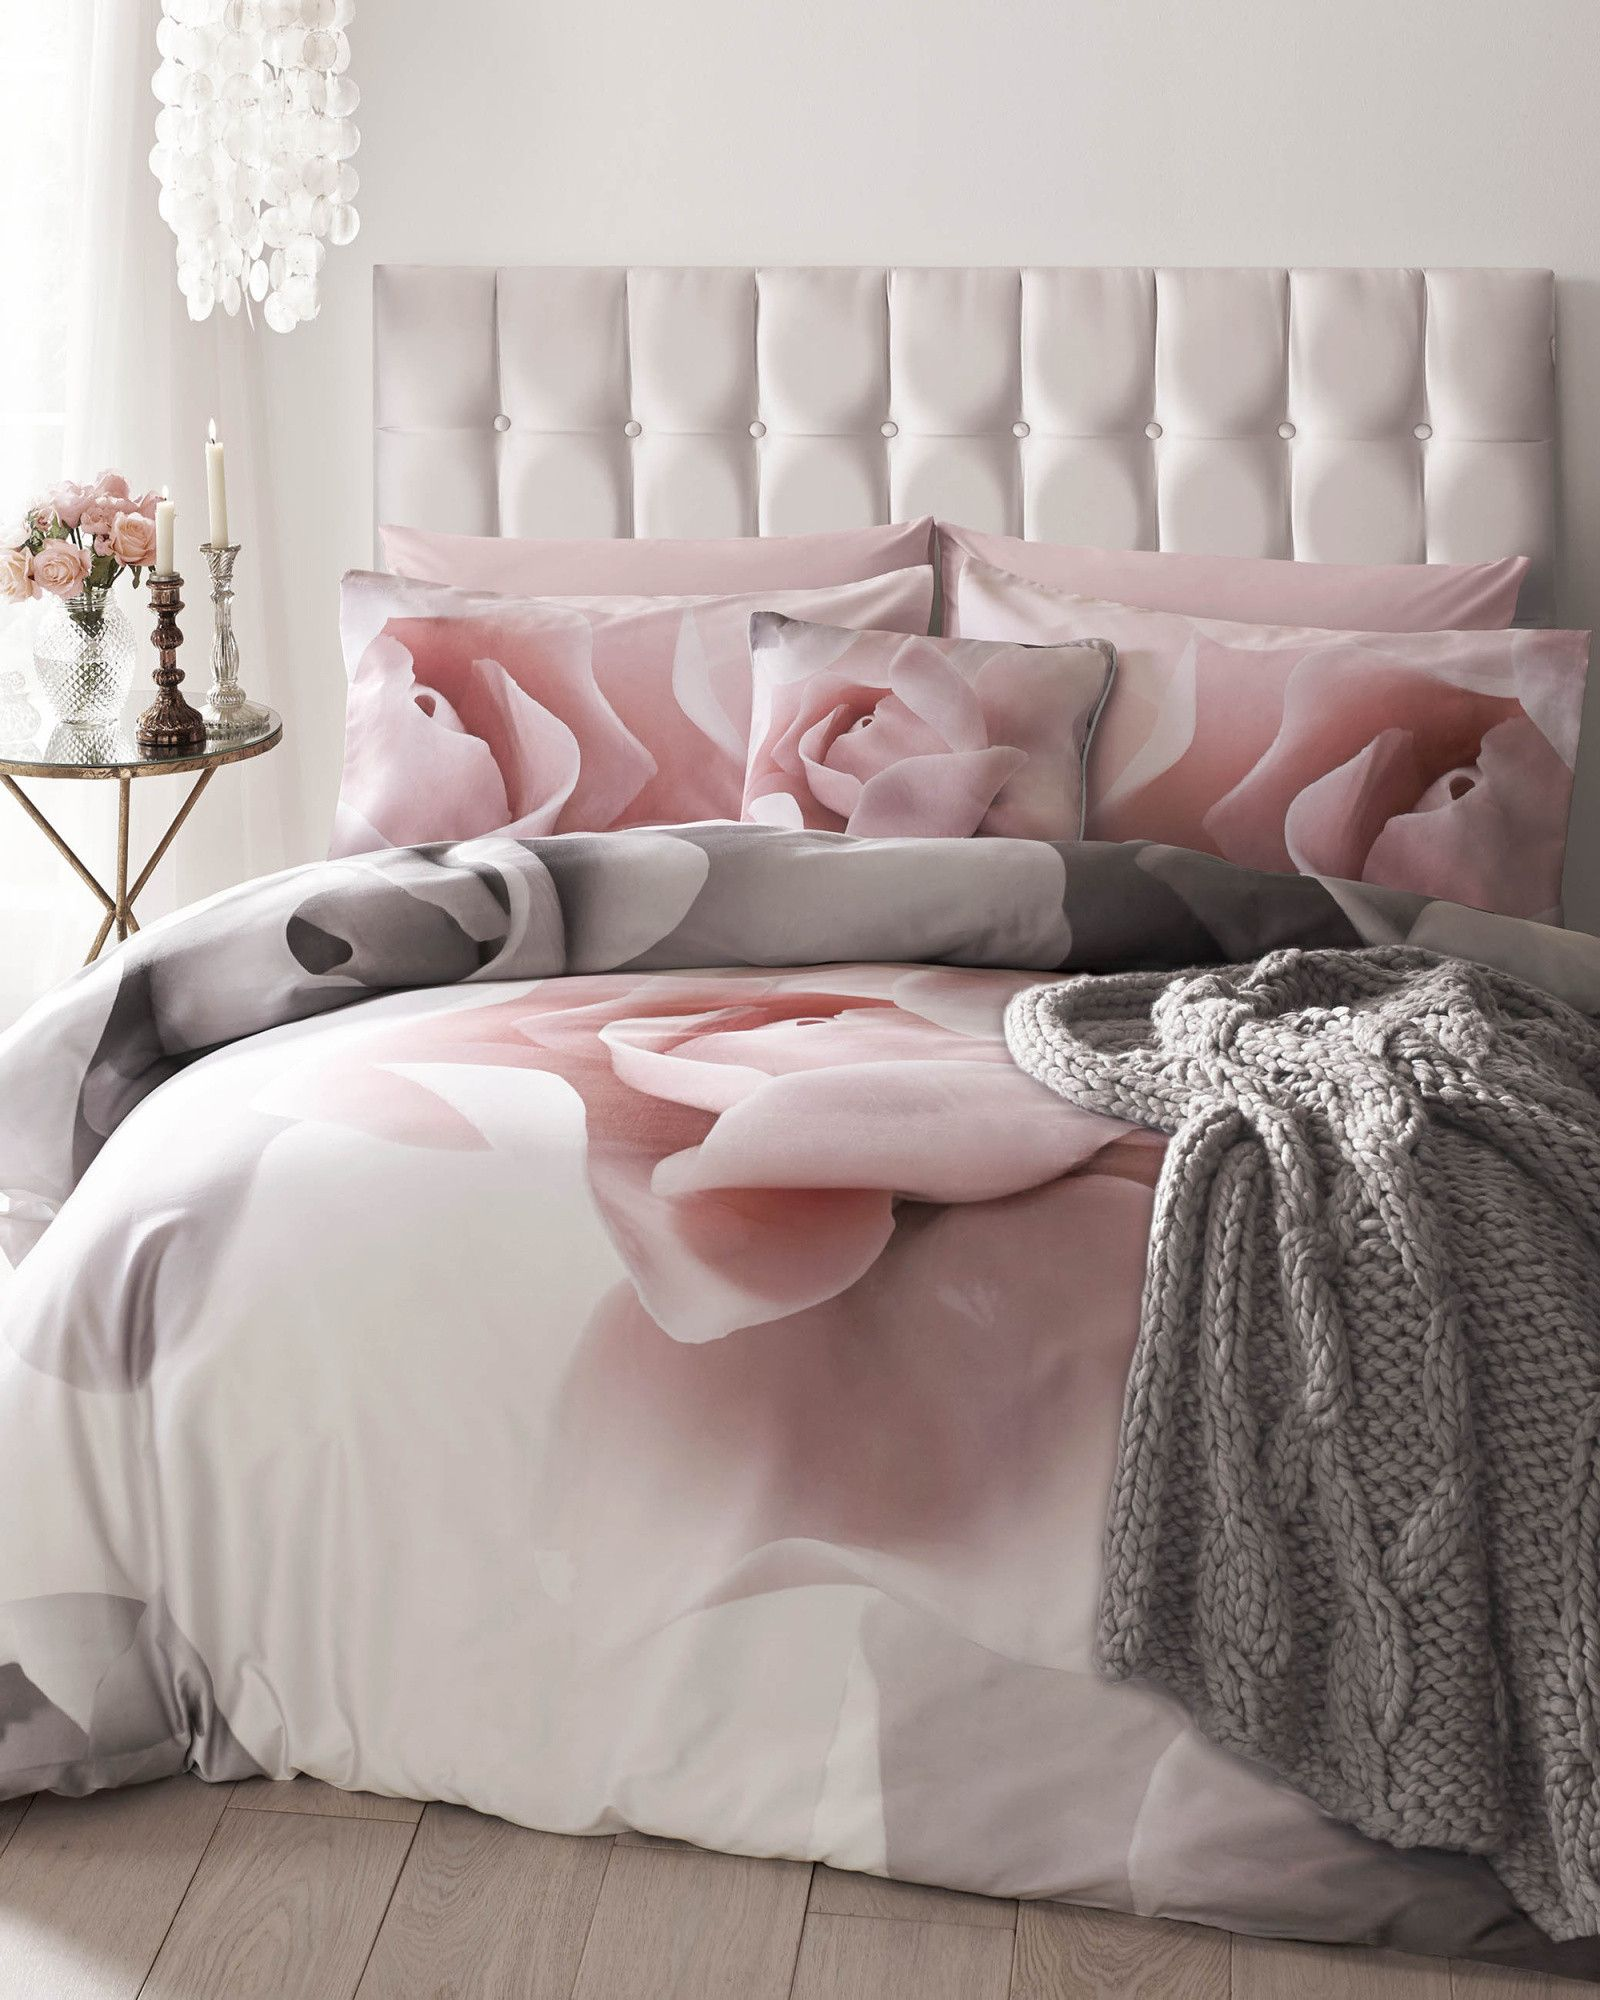 Ted baker Porcelain Rose super king duvet cover, pink and